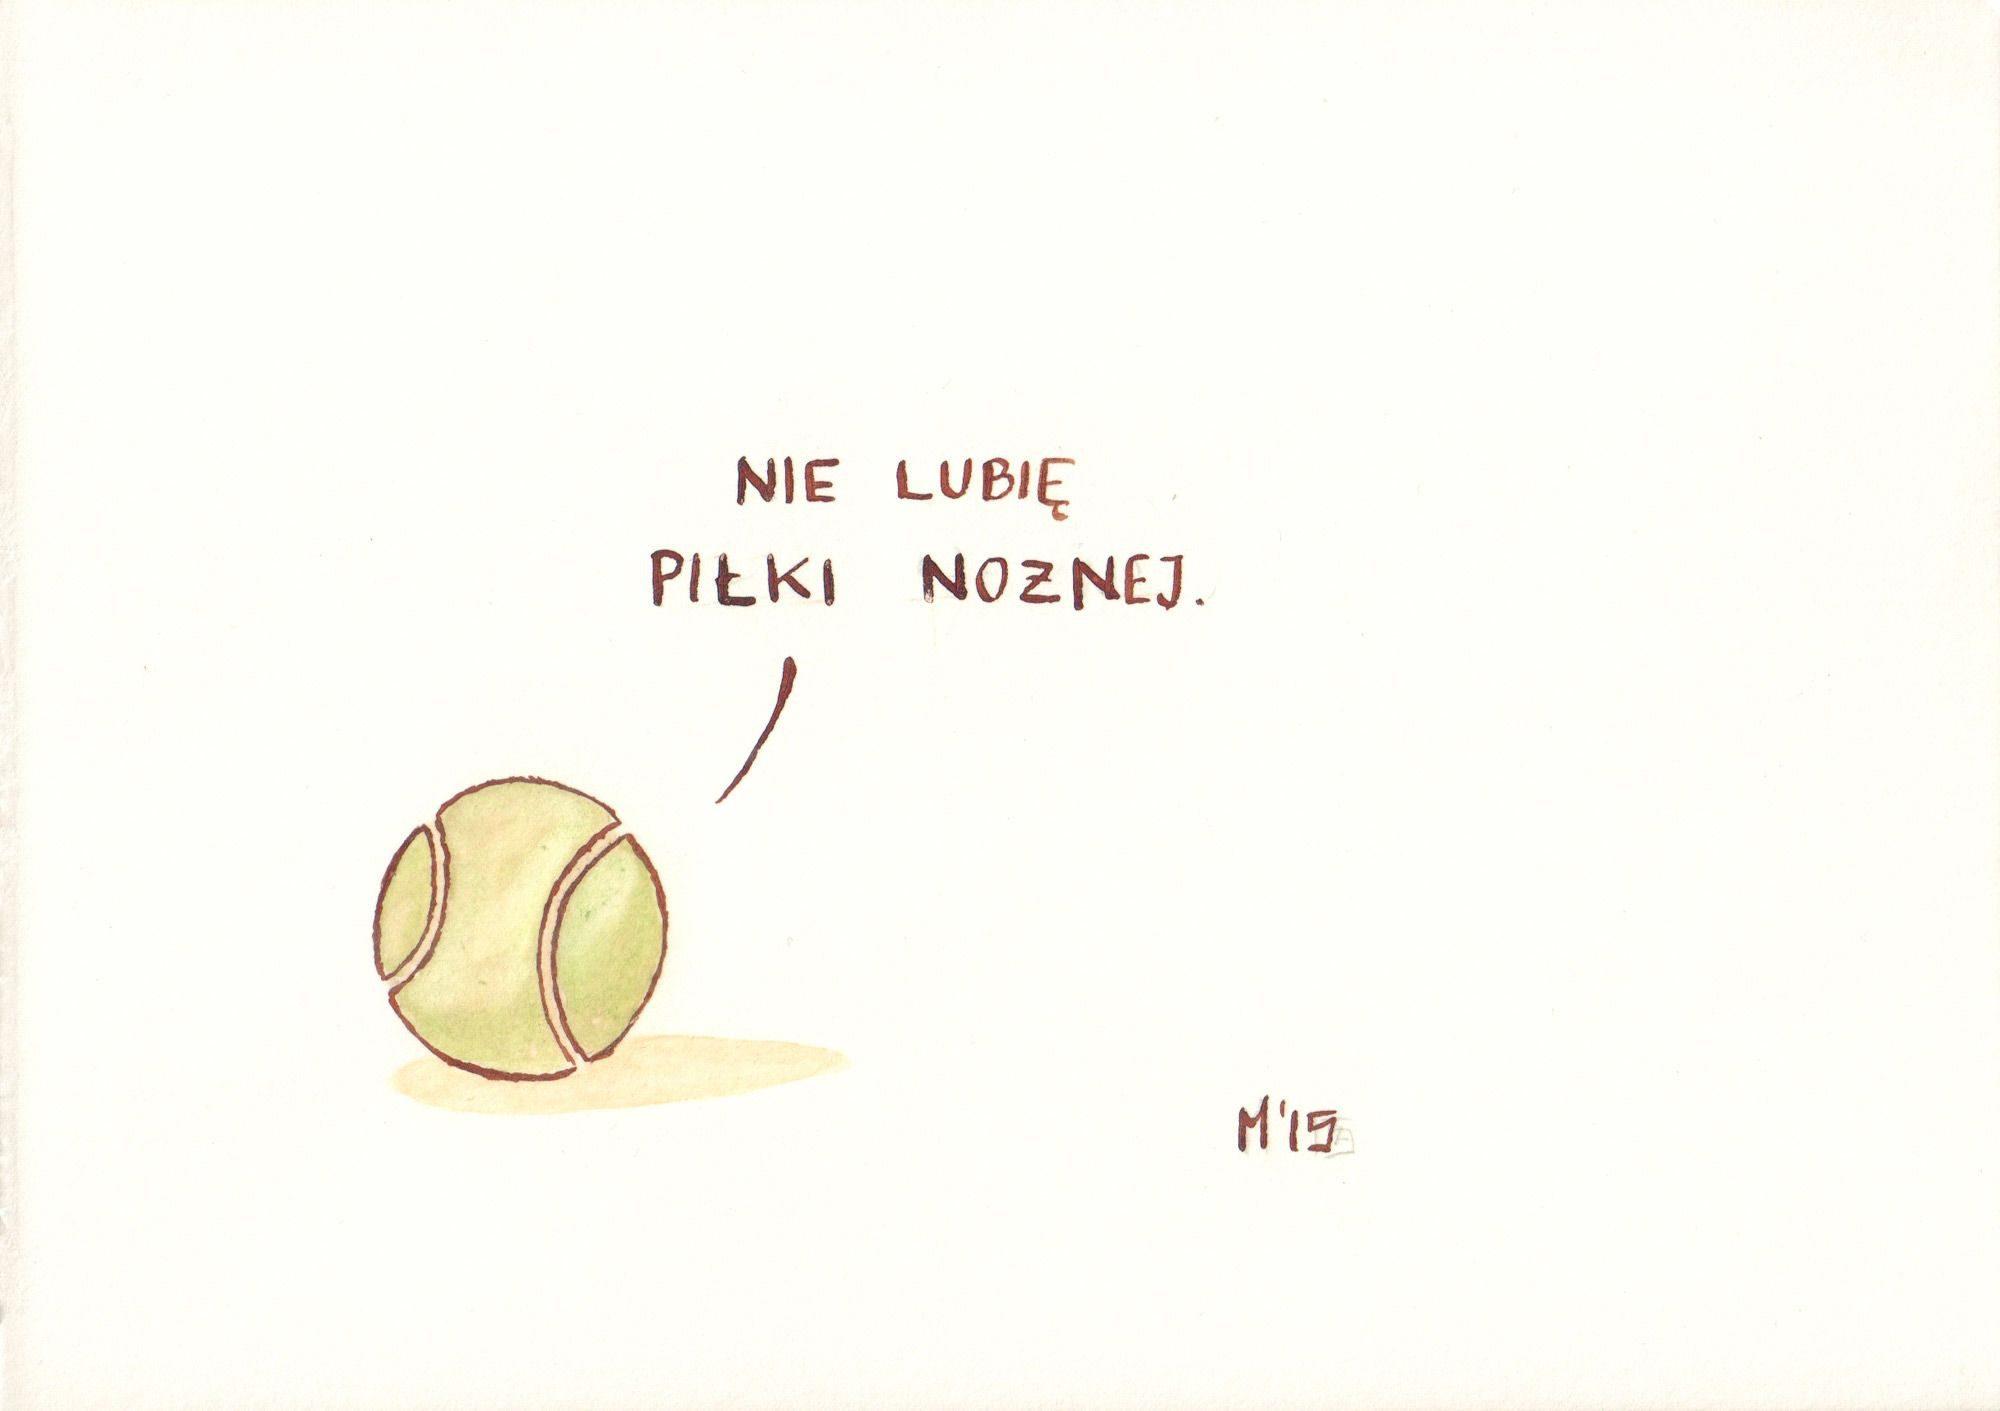 Nie lubię piłki nożnej, z cyklu Naprawdę nieśmieszne rysunki